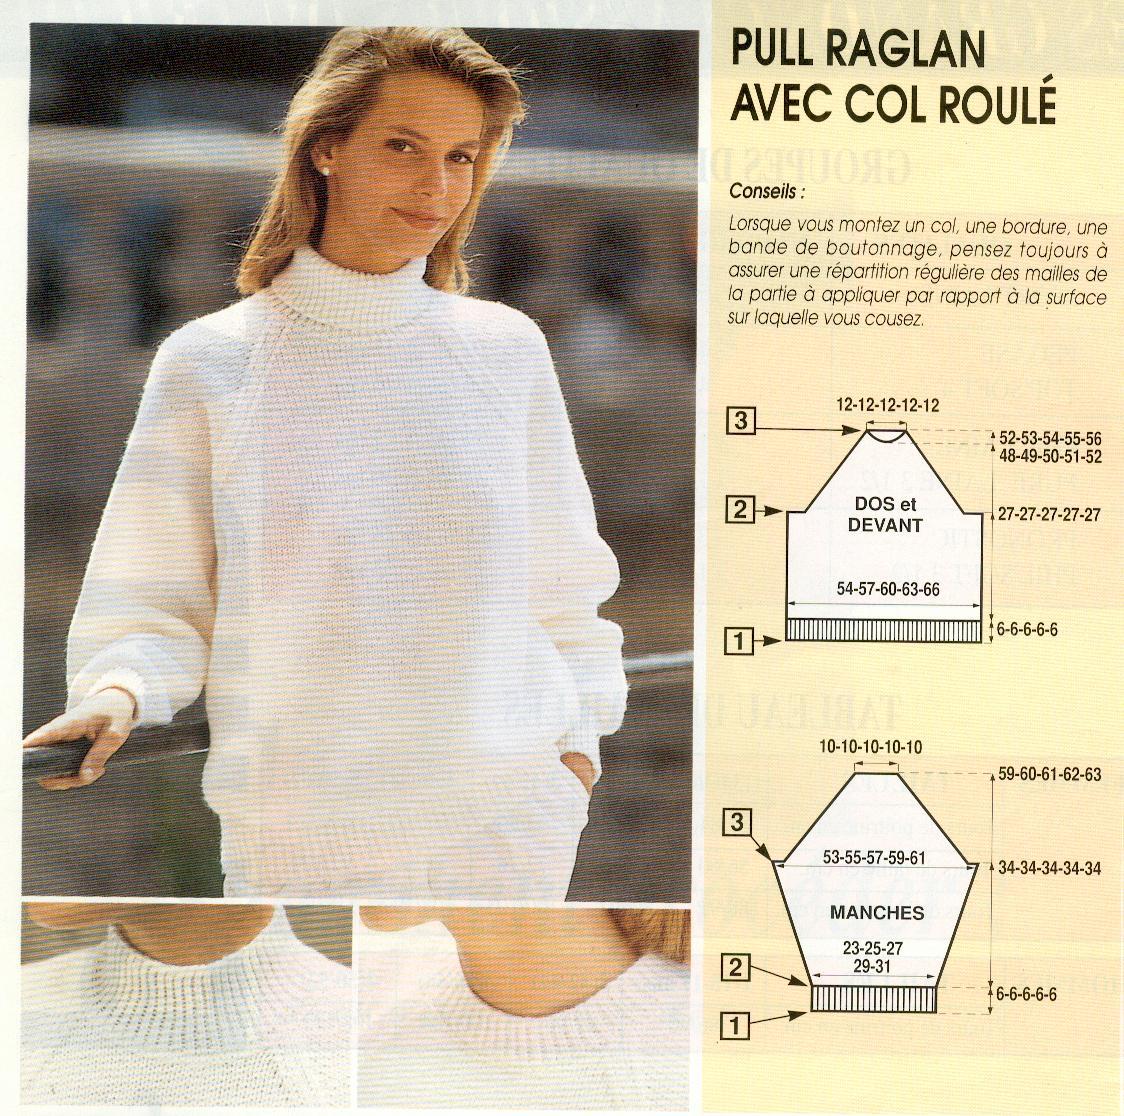 mod le de base au tricot pull raglan pour femme vhd cr ations cartes faire part cadeaux. Black Bedroom Furniture Sets. Home Design Ideas